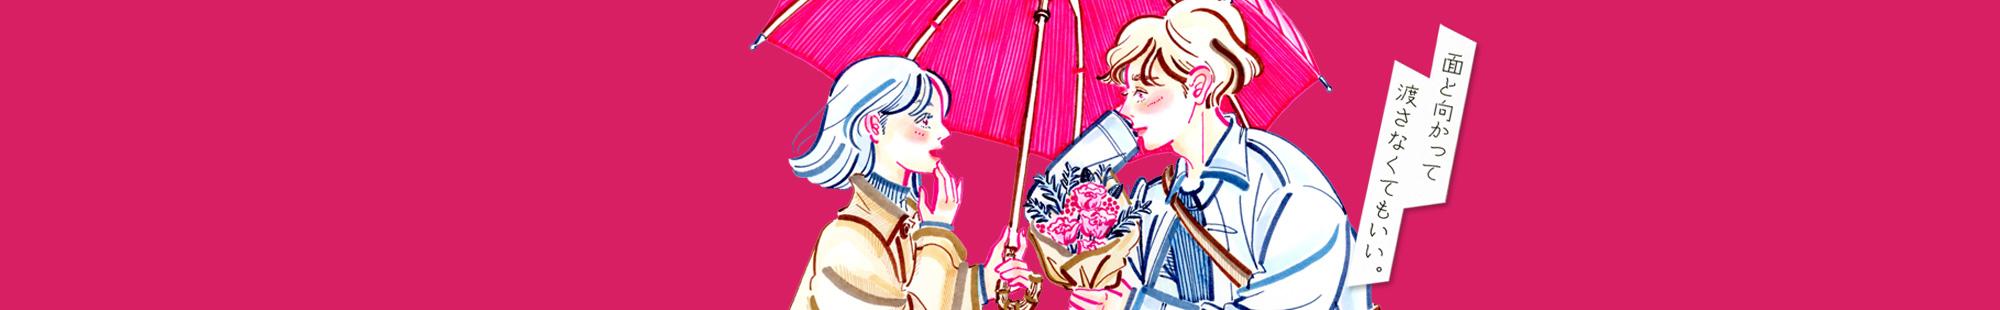 花キューピットのフラワーバレンタイン特集